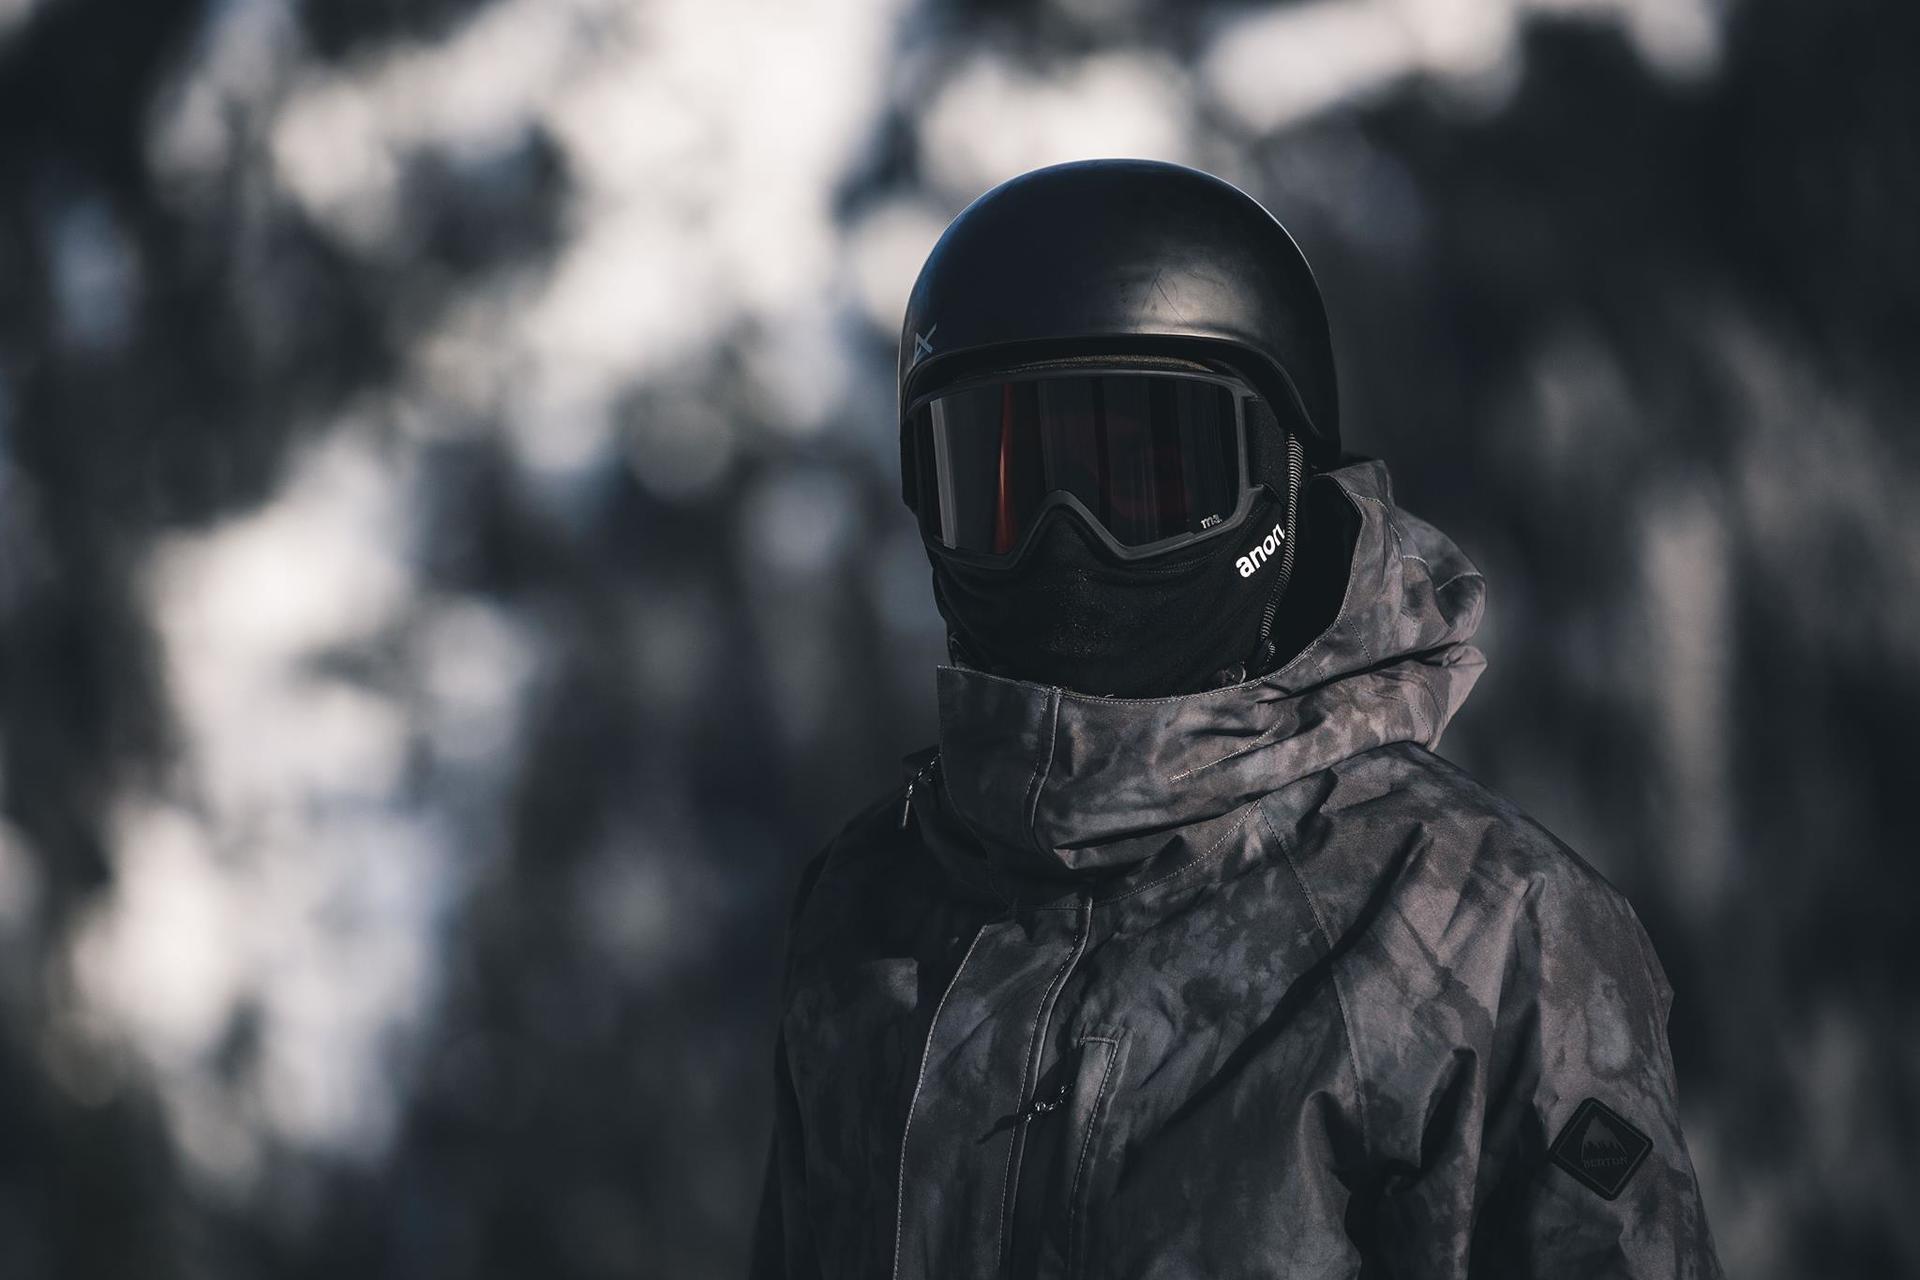 Kominiarki snowboardowe i narciarskie - dlaczego warto je mieć?